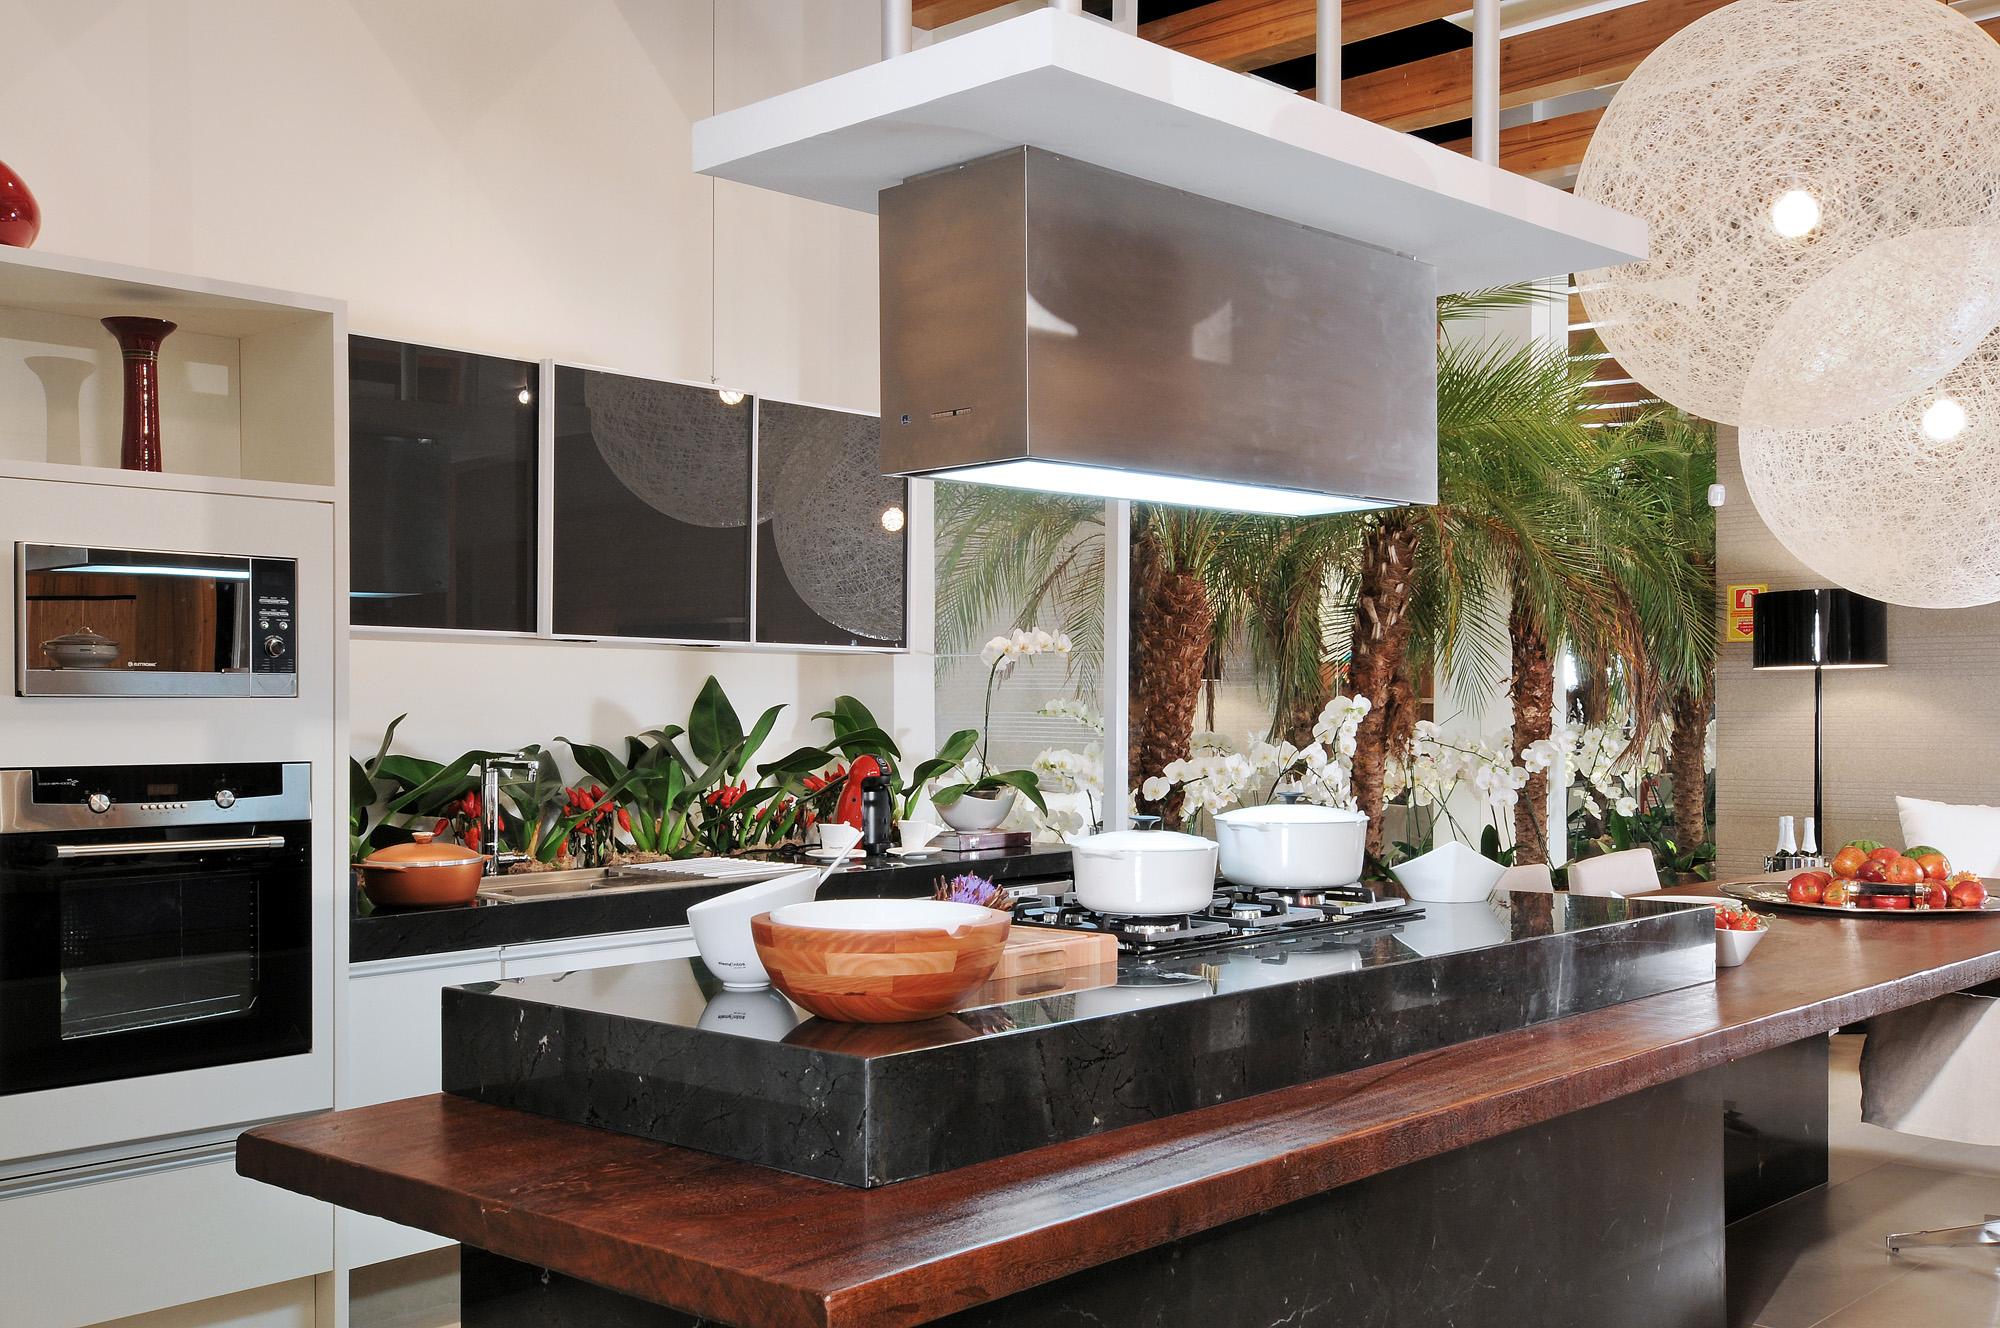 Cozinha Gourmet A Nova Sala De Estar Casa Cor Goi S 2011